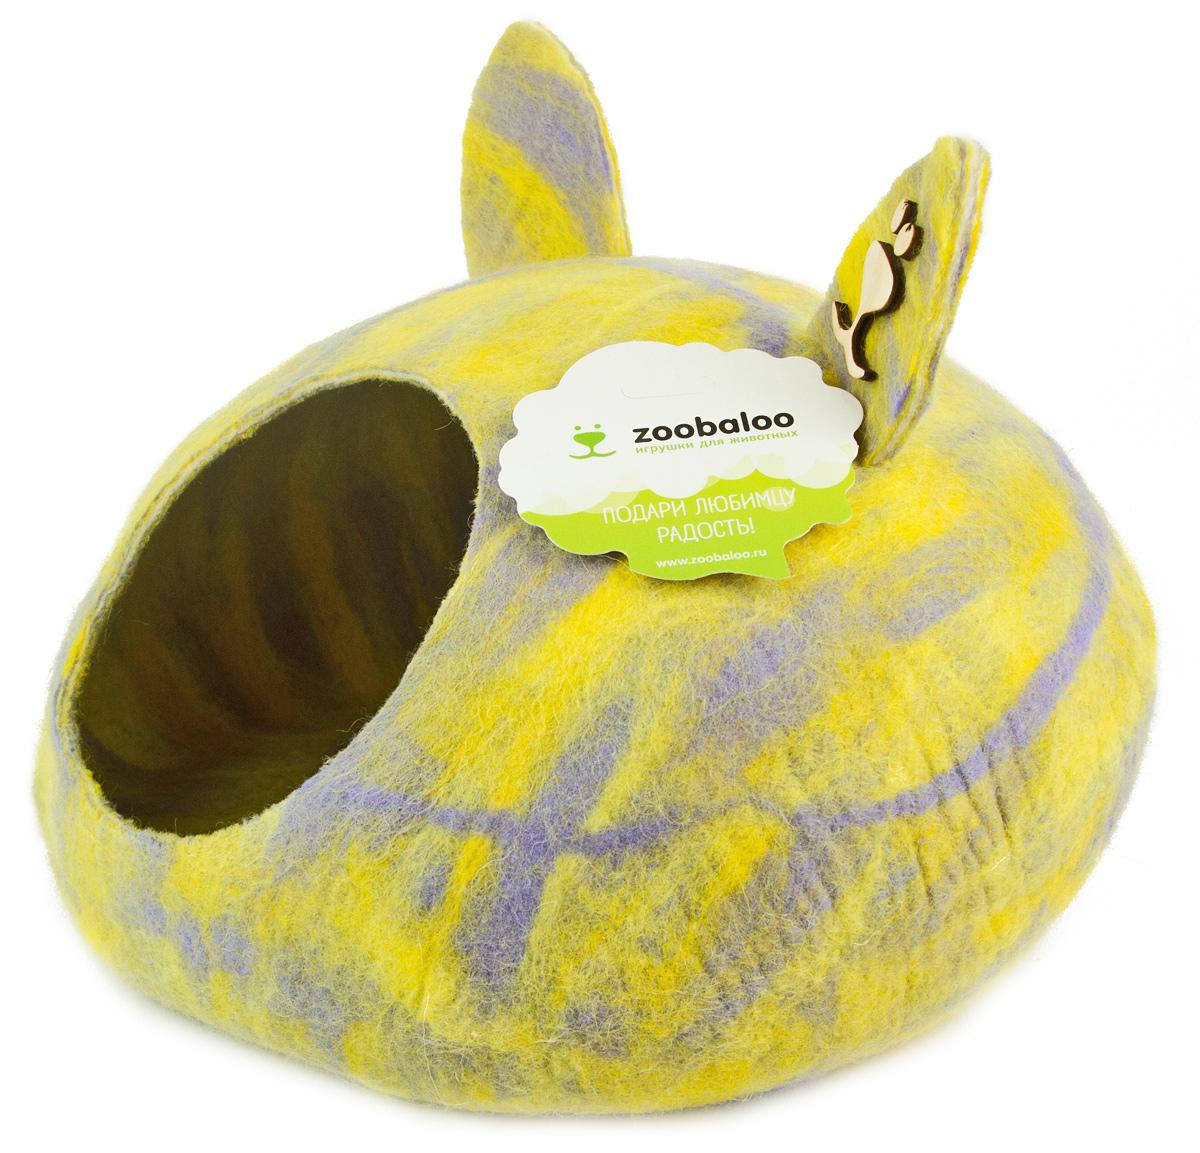 Домик-слипер Zoobaloo WoolPetHouse, размер L, форма круг, с ушками, мультиколор желтый971WoolPetHouse это домики-слиперы! Это невероятное творение наших дизайнеров обещает быть хитом сезона – мы учли все особенности «животного» сна: форма, цвет, материал этих домиков – всё подобрано как нельзя лучше! В них ваши любимцы будут видеть только цветные сны, а комфорту и благодарности не будет предела! Природа позаботилась обо всем – стопроцентная шерсть мериноса обеспечит превосходный микроклимат внутри домика, а его форма позволит питомцу засыпать в самой естественной позе. Ваши питомцы уютно обустроятся в наших домиках! Так как изделие выполнено из шерсти, советуем использовать сухую чистку, в местах сильных загрязнений можно воспользоваться губкой или щеткой с мылом. Для того, чтобы домик прослужил максимально долго, для маленьких котят и щенков рекомендуем застилать домик изнутри специальной впитывающей пеленкой.